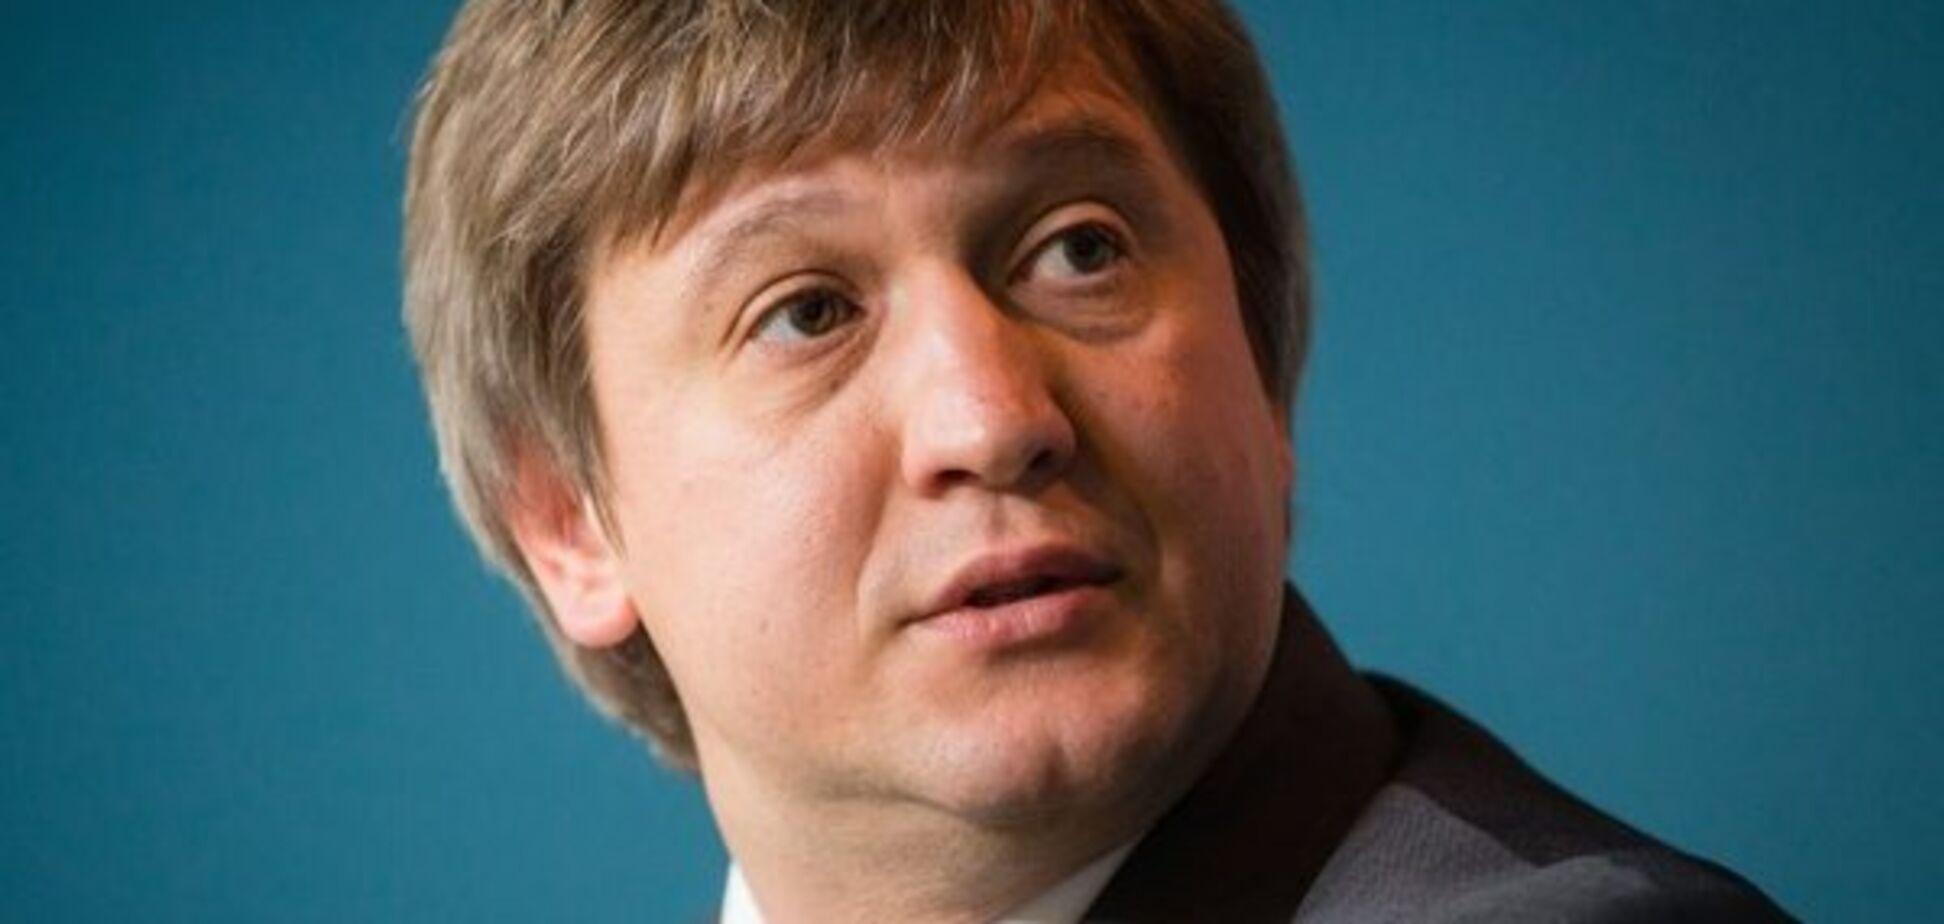 ГПУ заподозрила Данилюка и его соратников в причастности к схемам Януковича